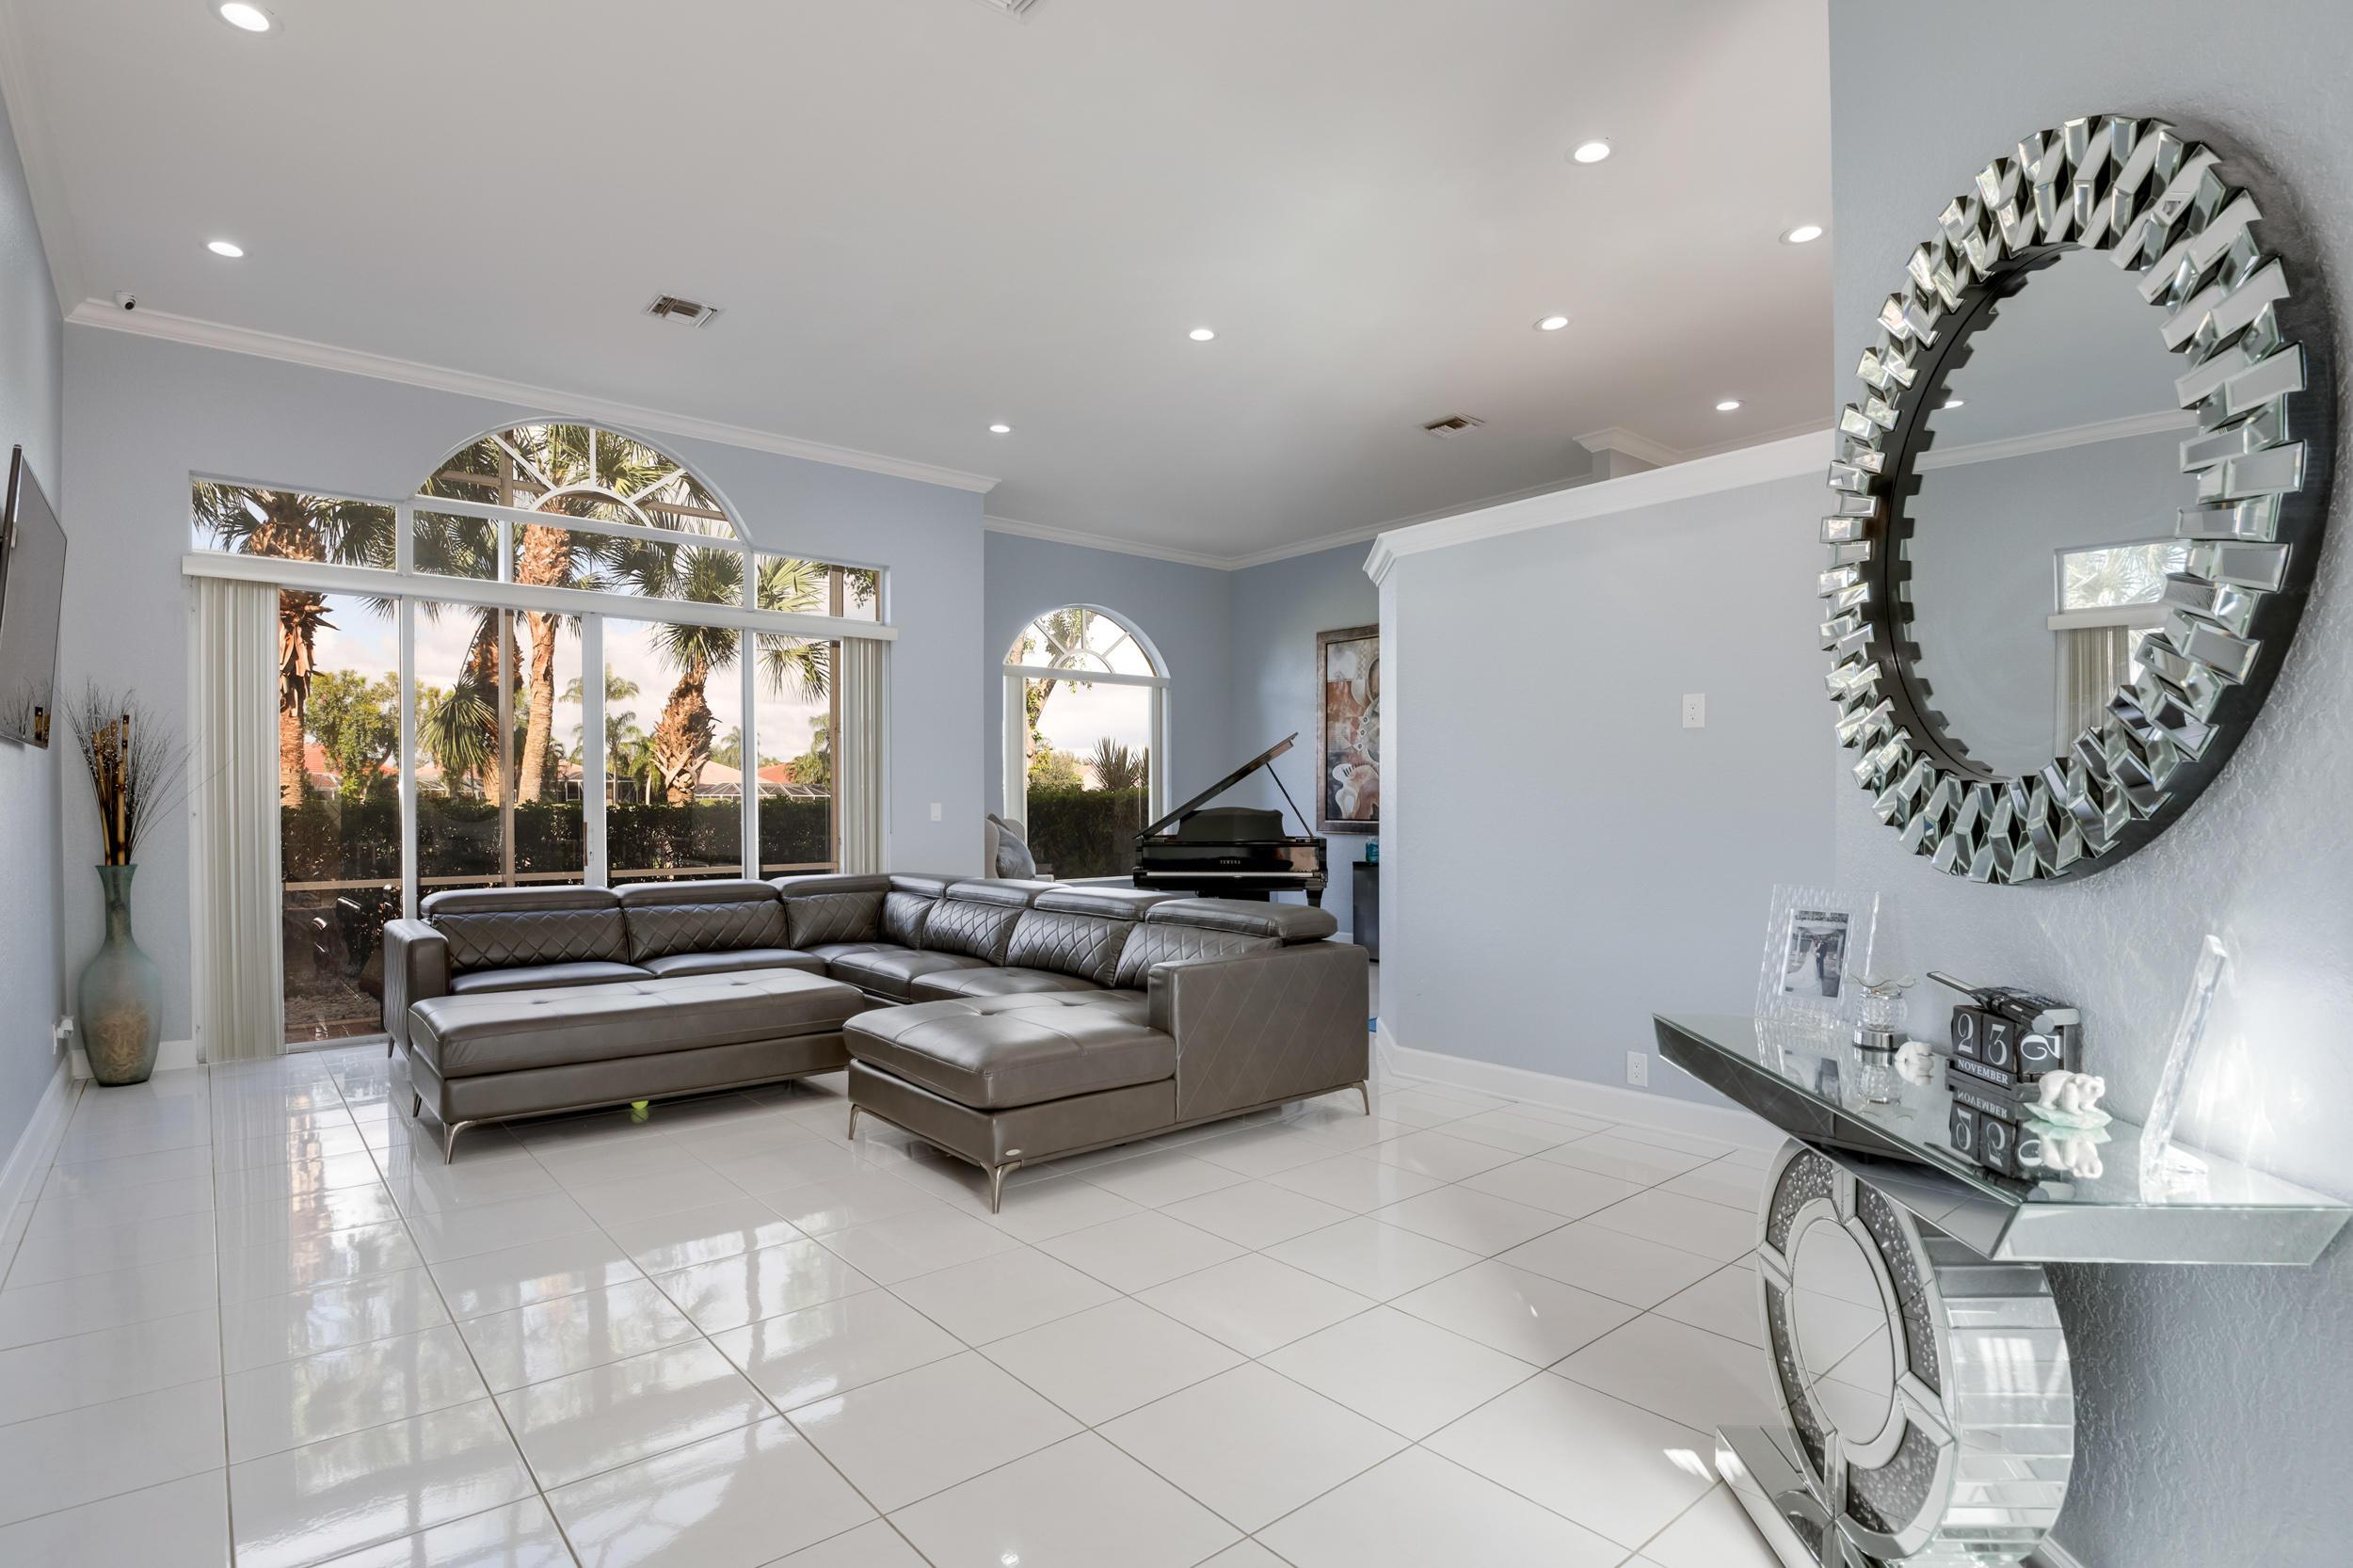 Image 9 For 10766 Greenbriar Villa Drive